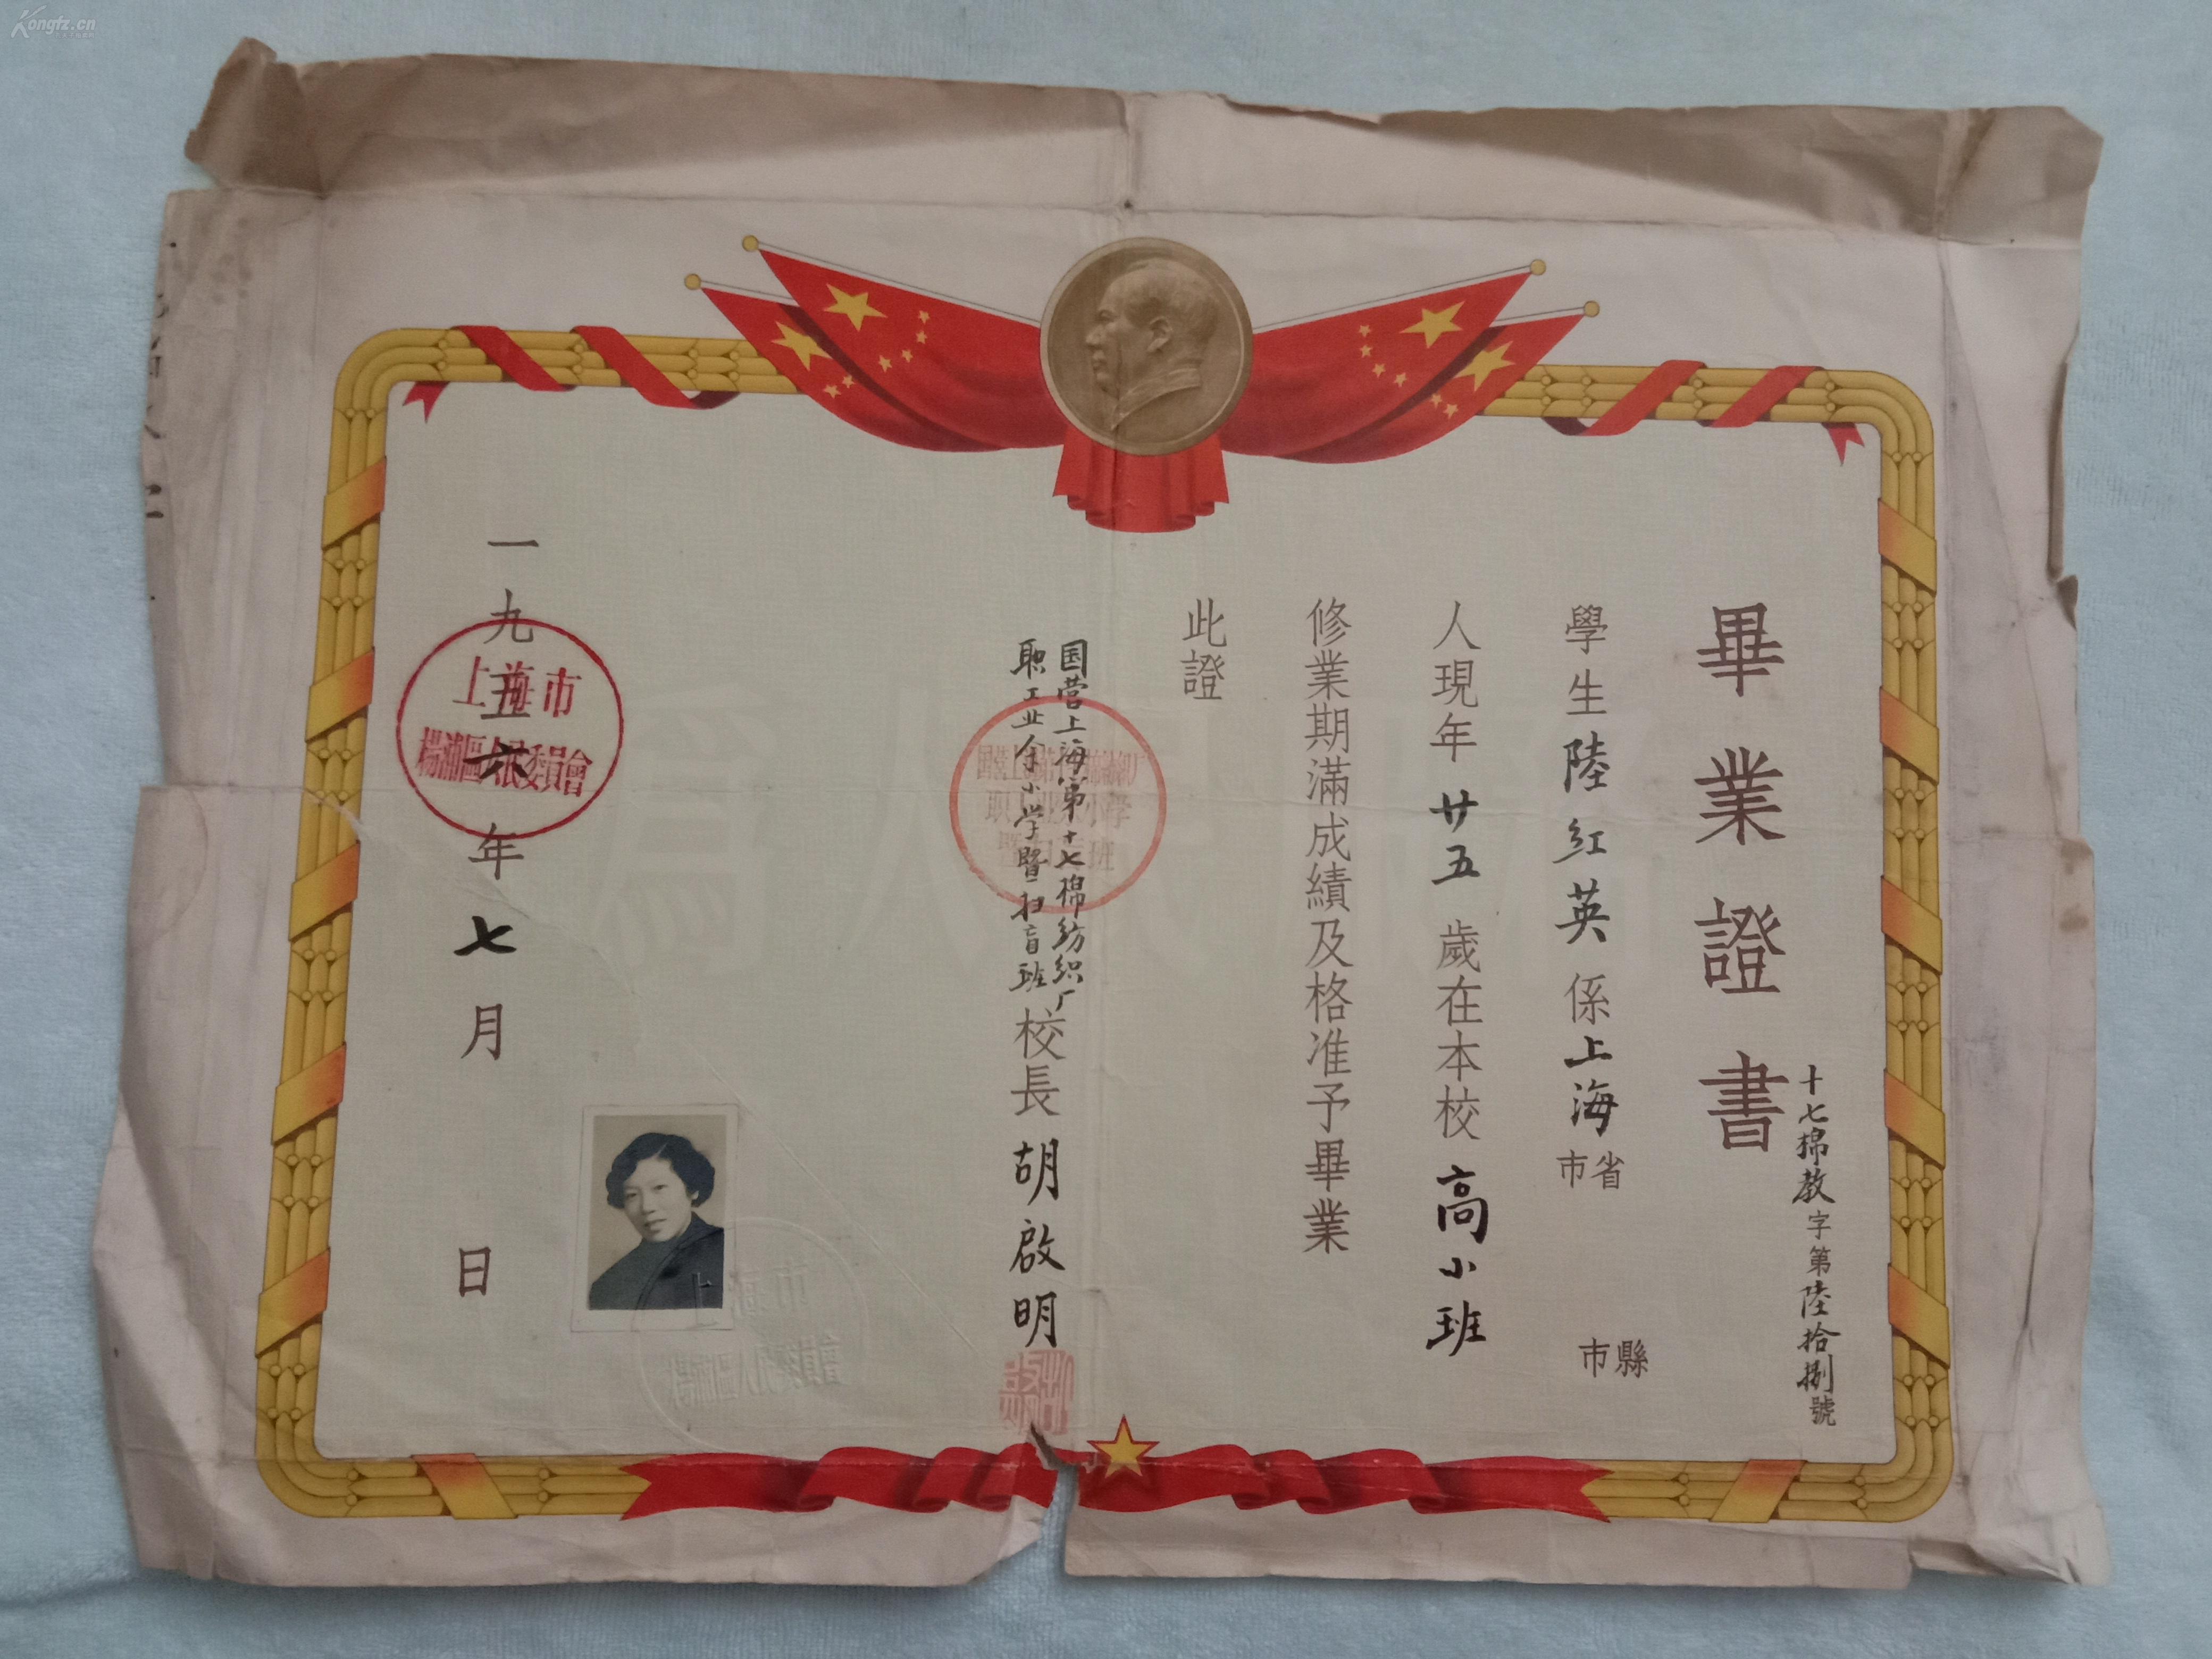 1956年国营上海第17棉纺织厂小学业余年级暨二小学a小学教案职工图片